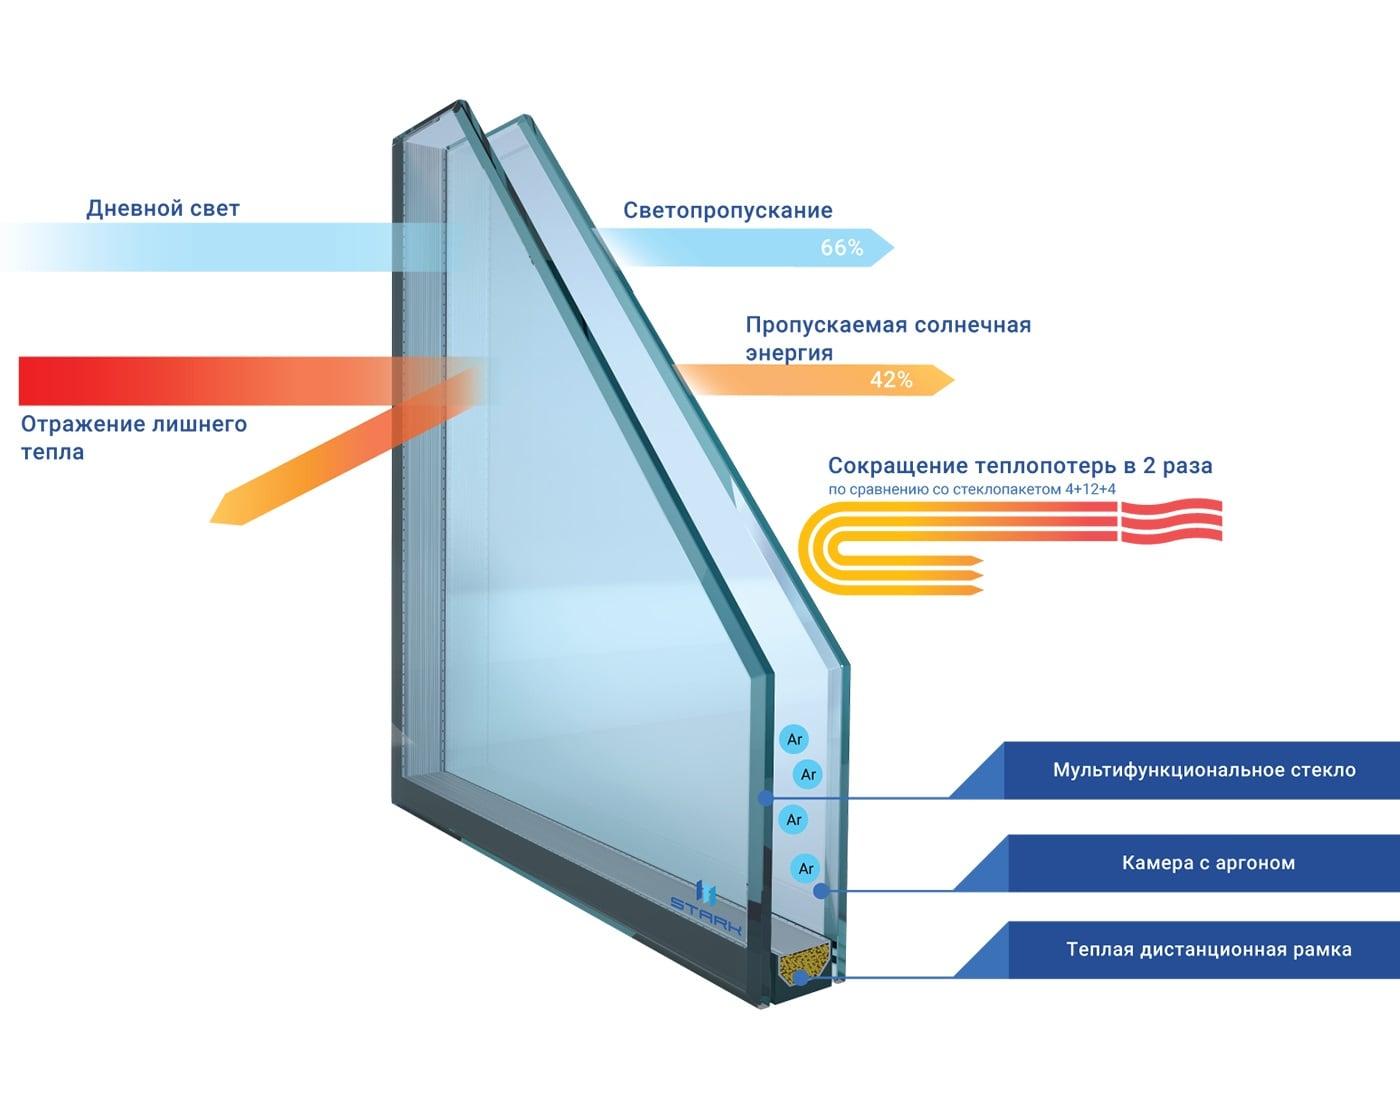 Характеристики энергосберегающего стеклопакета